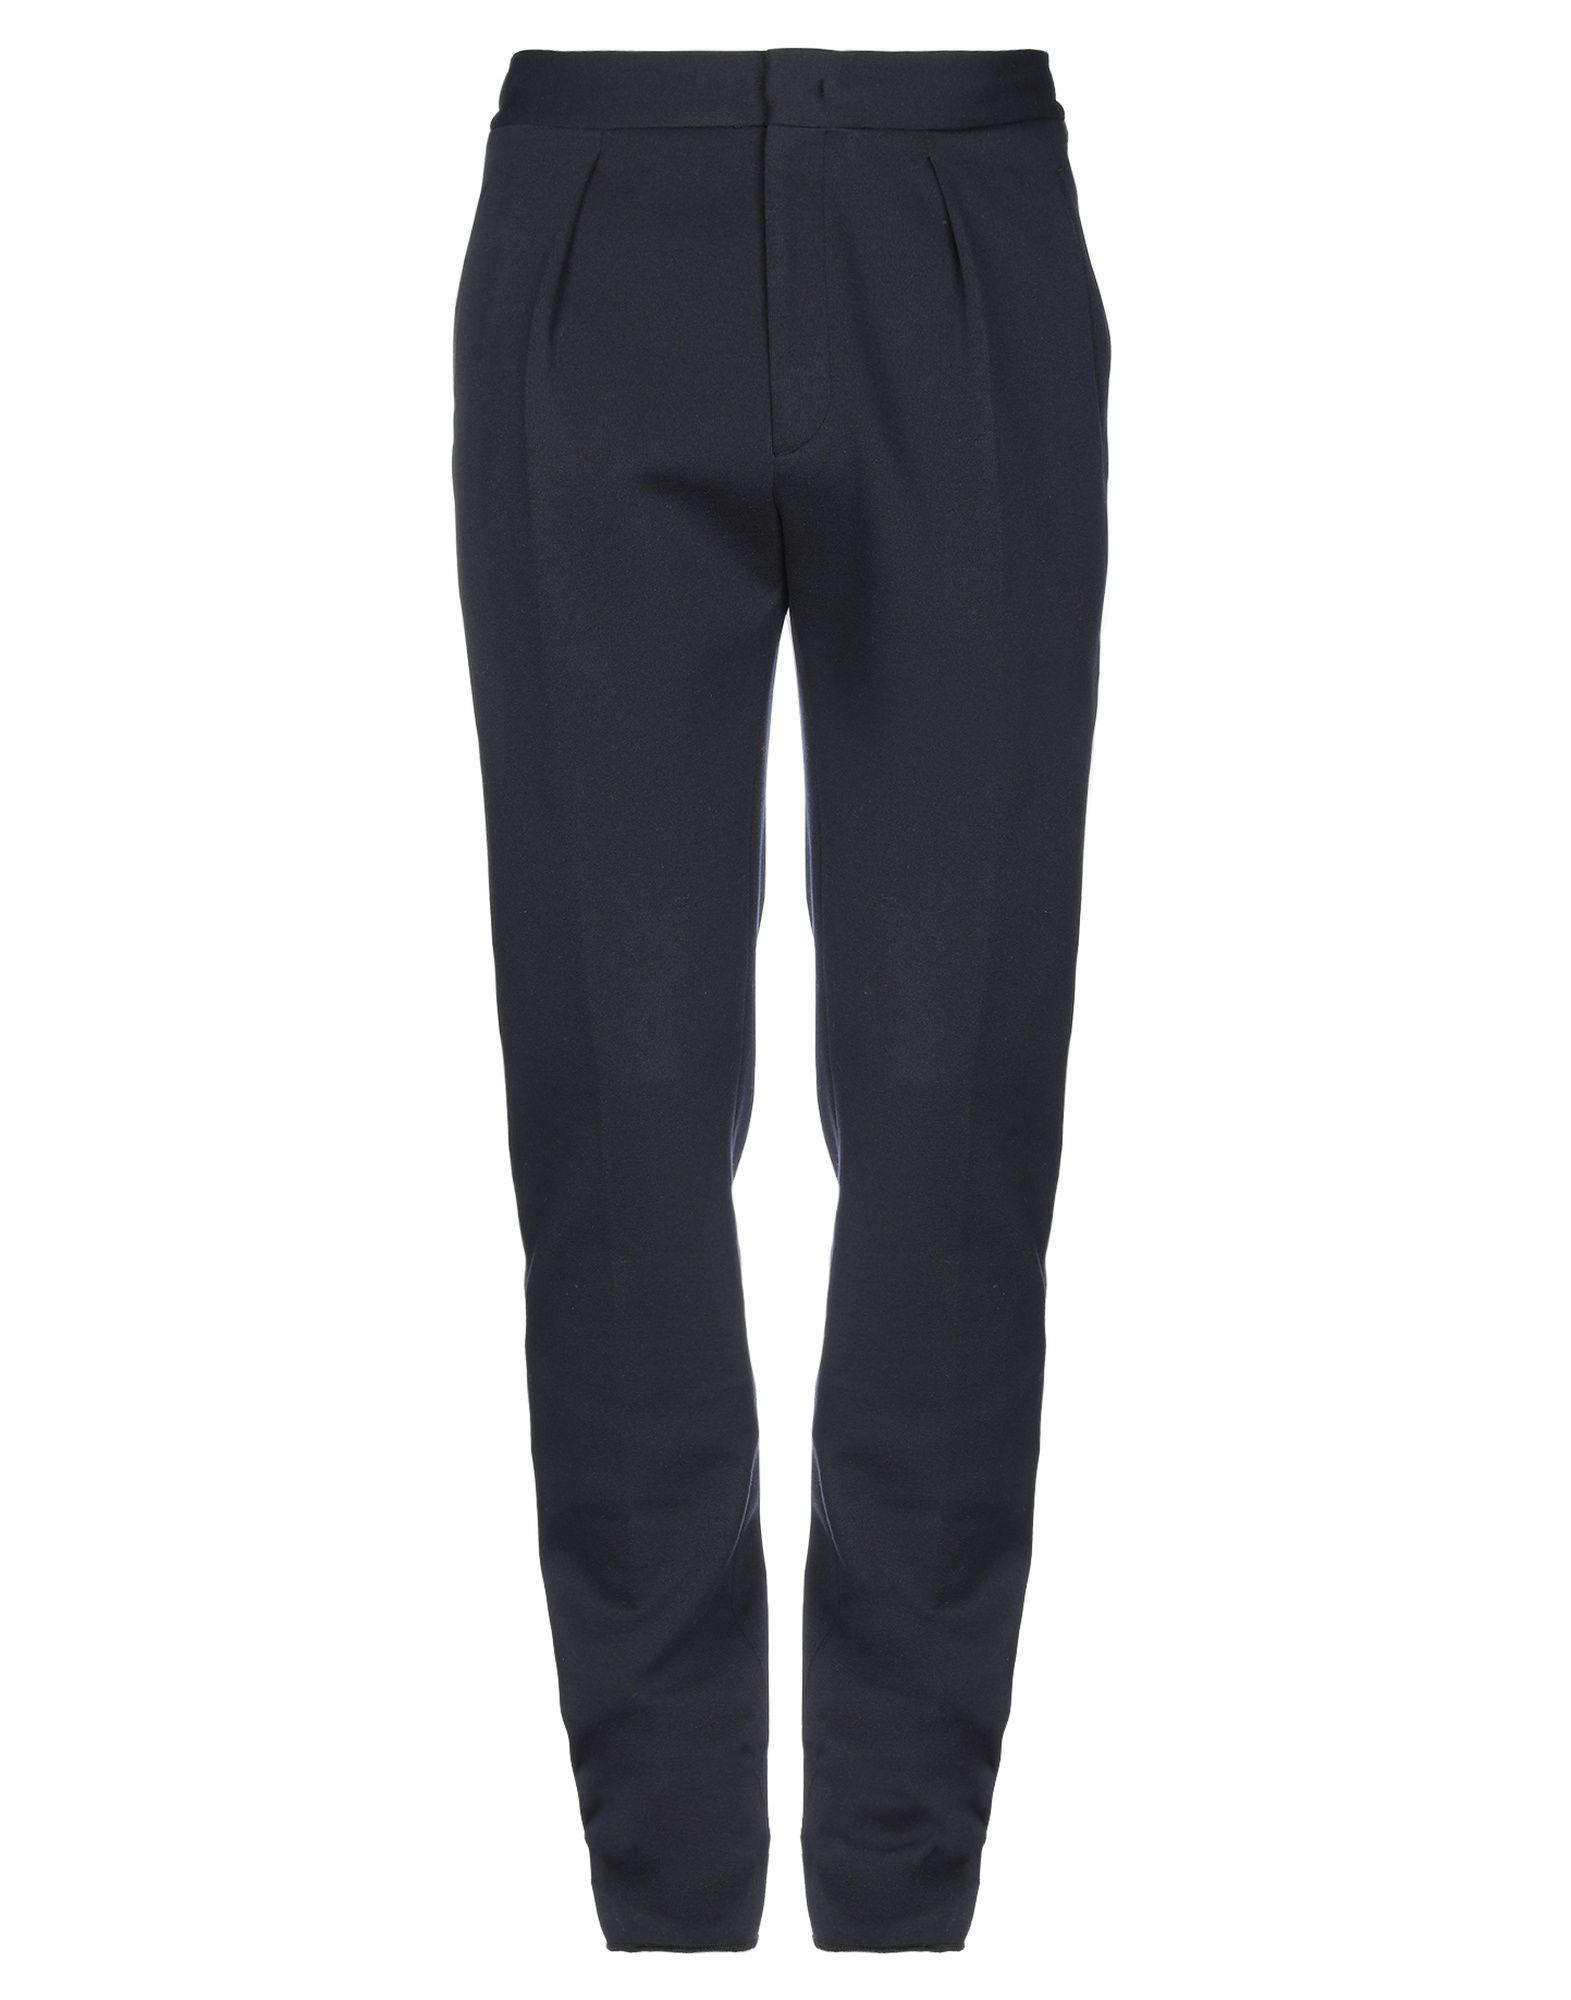 Pantalone Fendi herren - 13343724QE